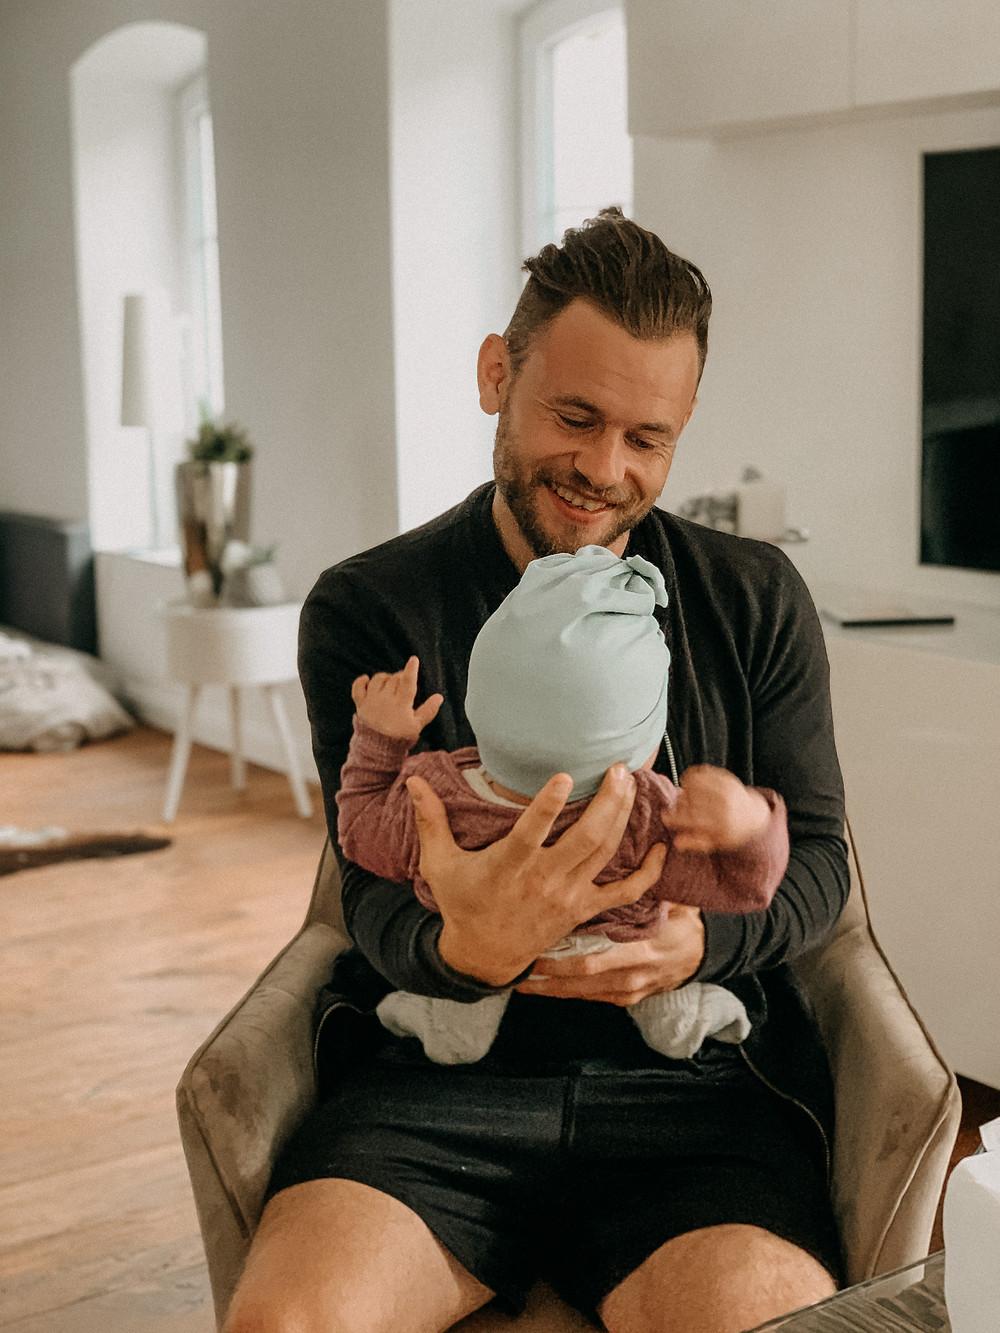 Der frischgebackene Vater mit Kind in den ersten Wochen